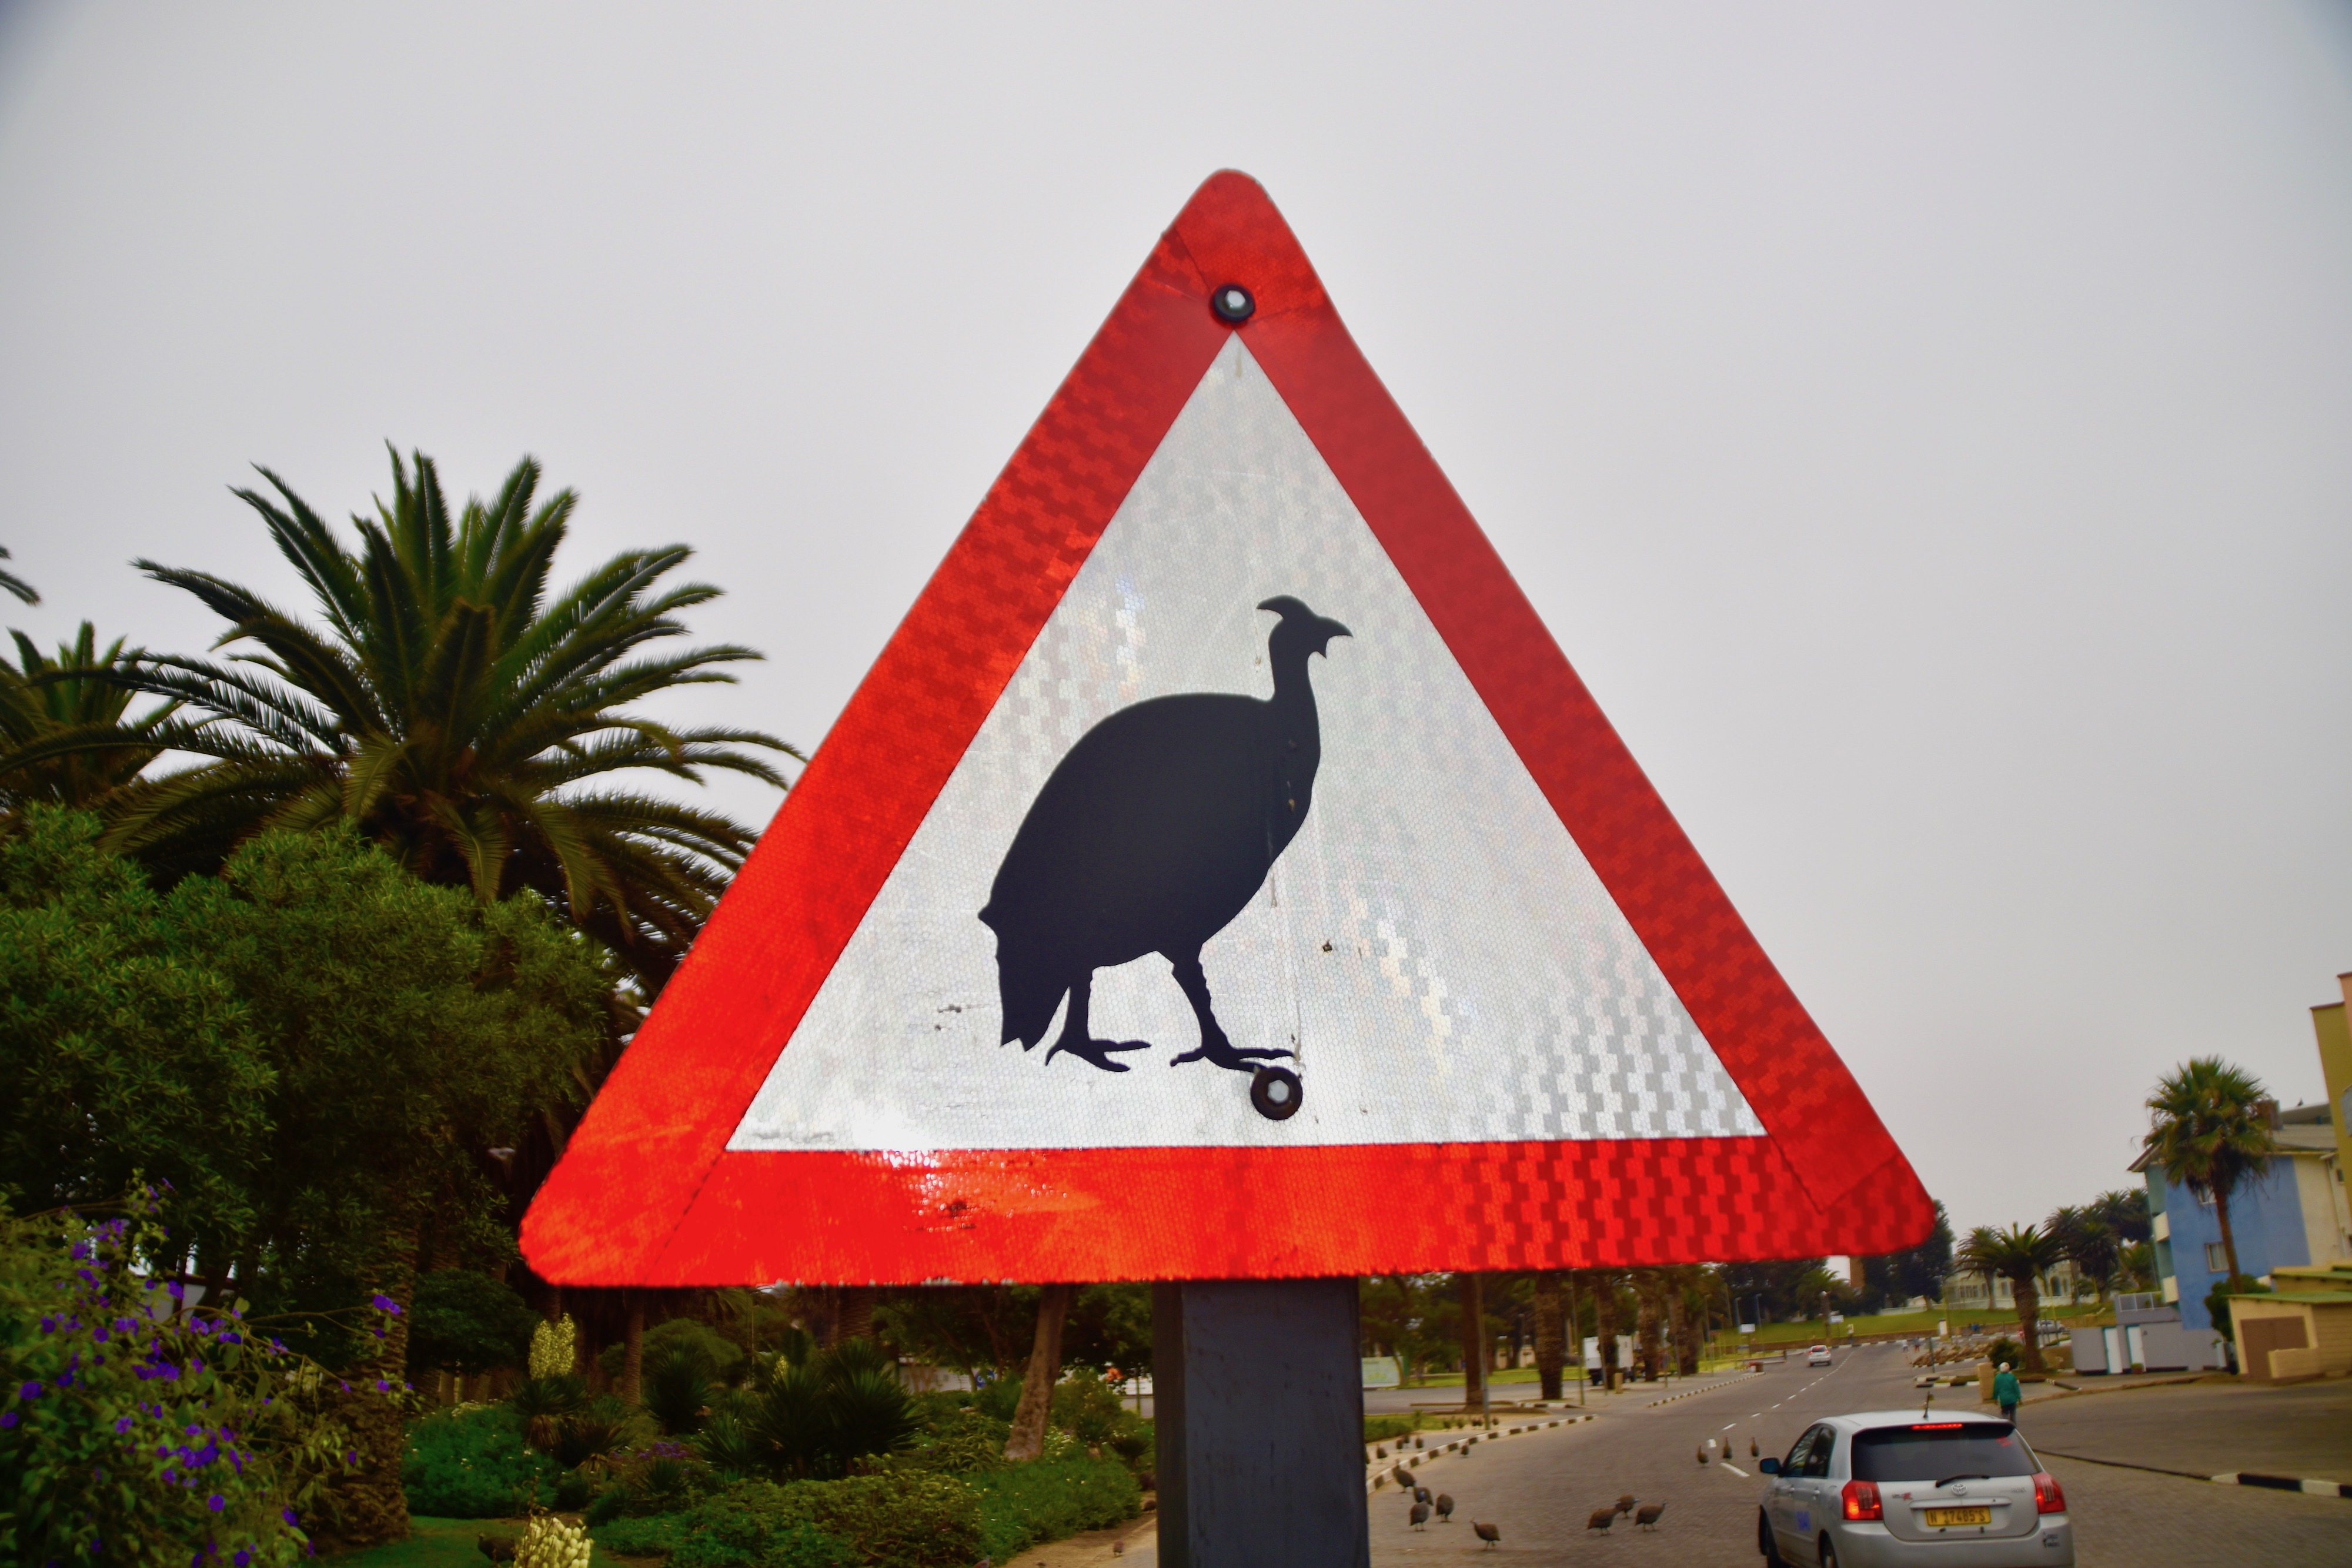 Guinea Fowl Crossing, Swakopmund